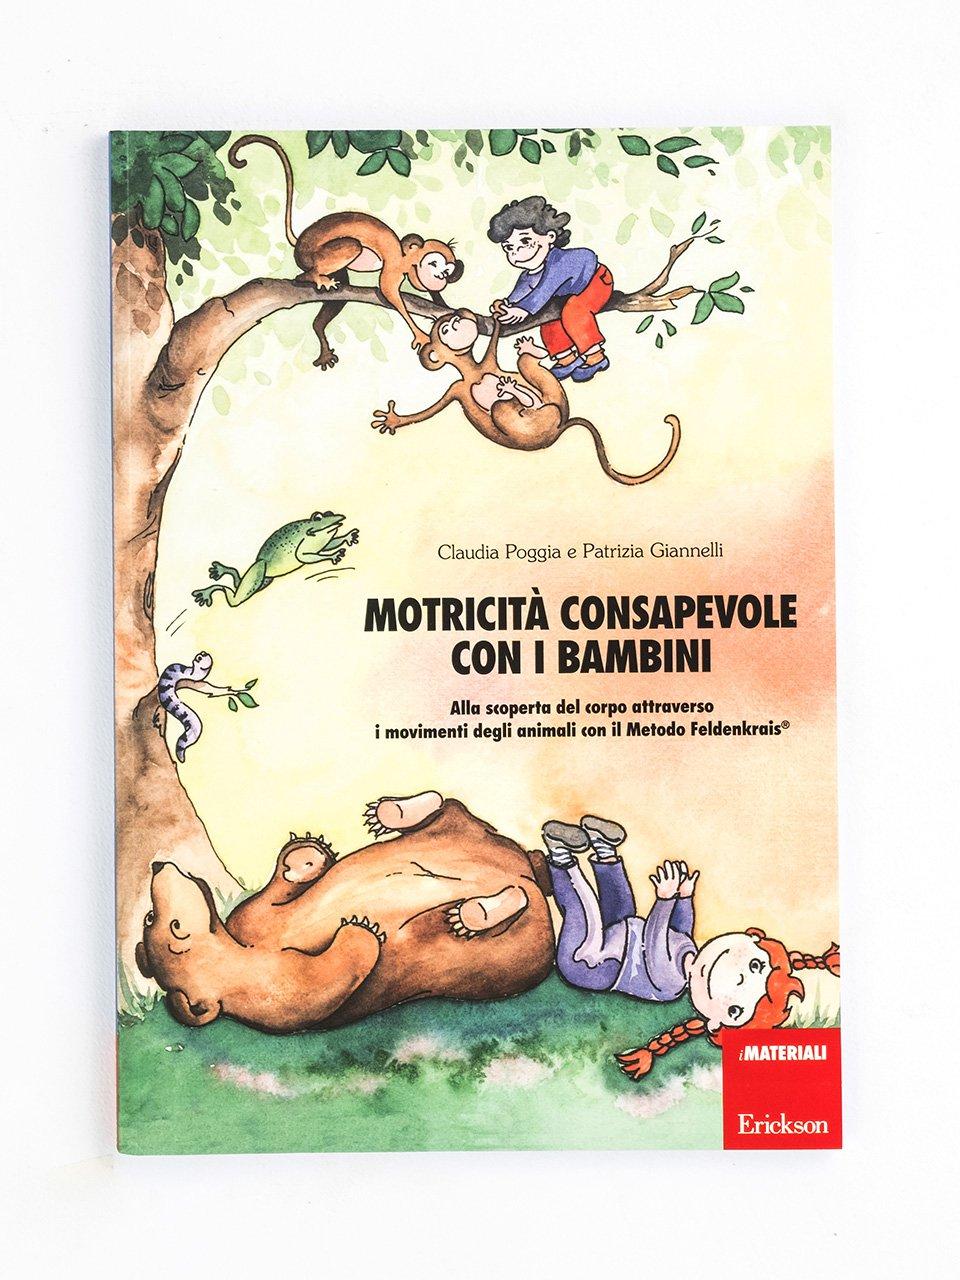 Motricità consapevole con i bambini - Educare in natura - Libri - Erickson